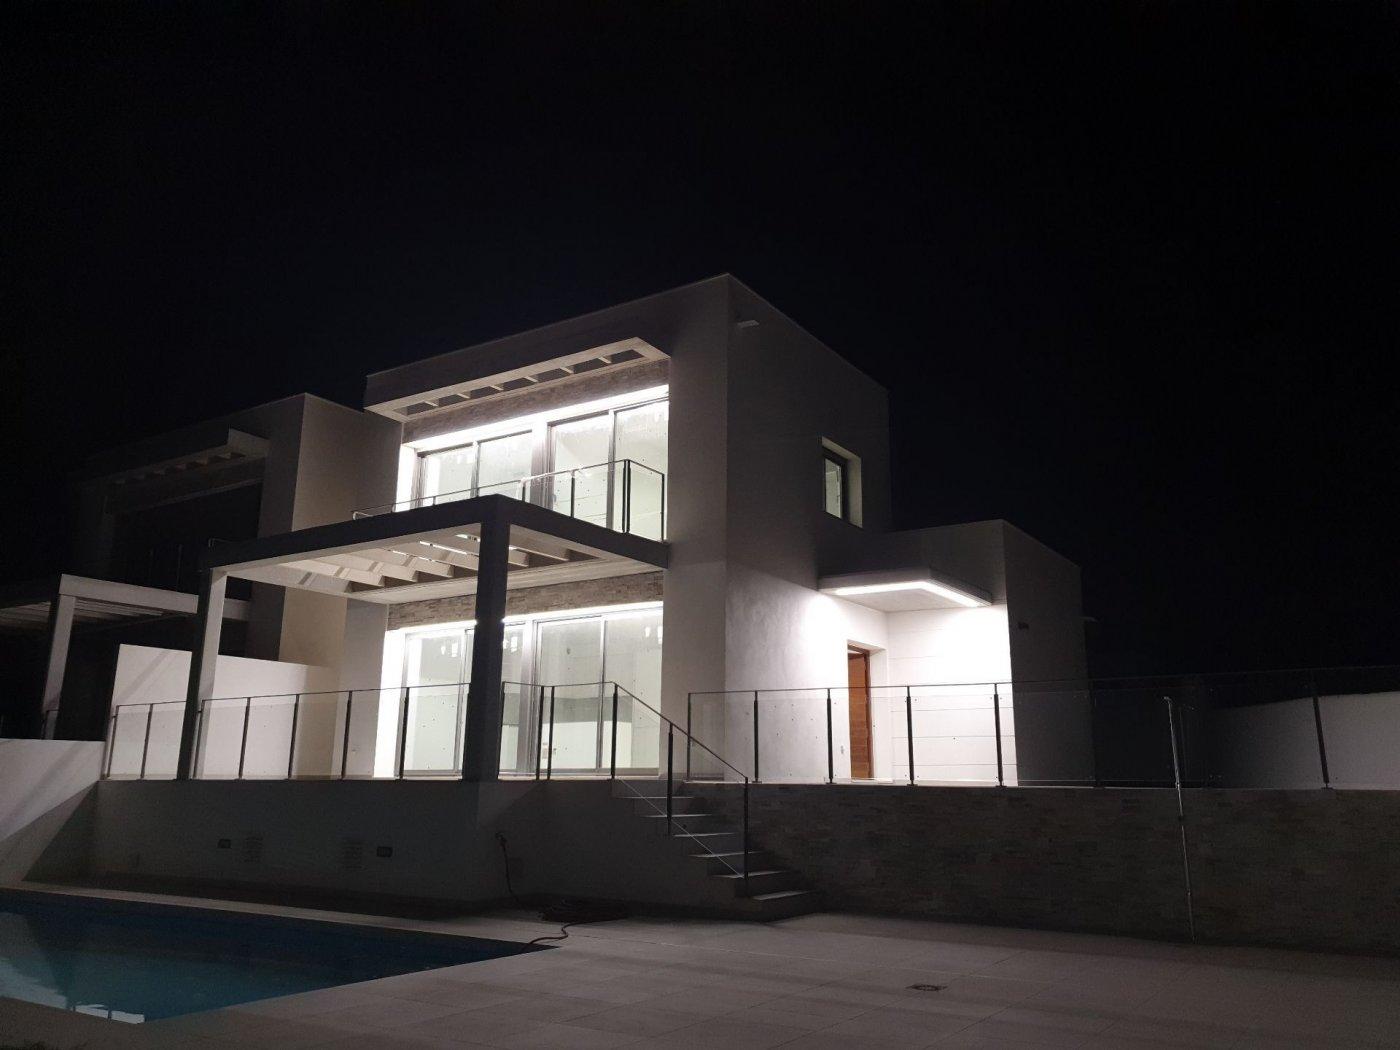 New Build in Moraira El estret